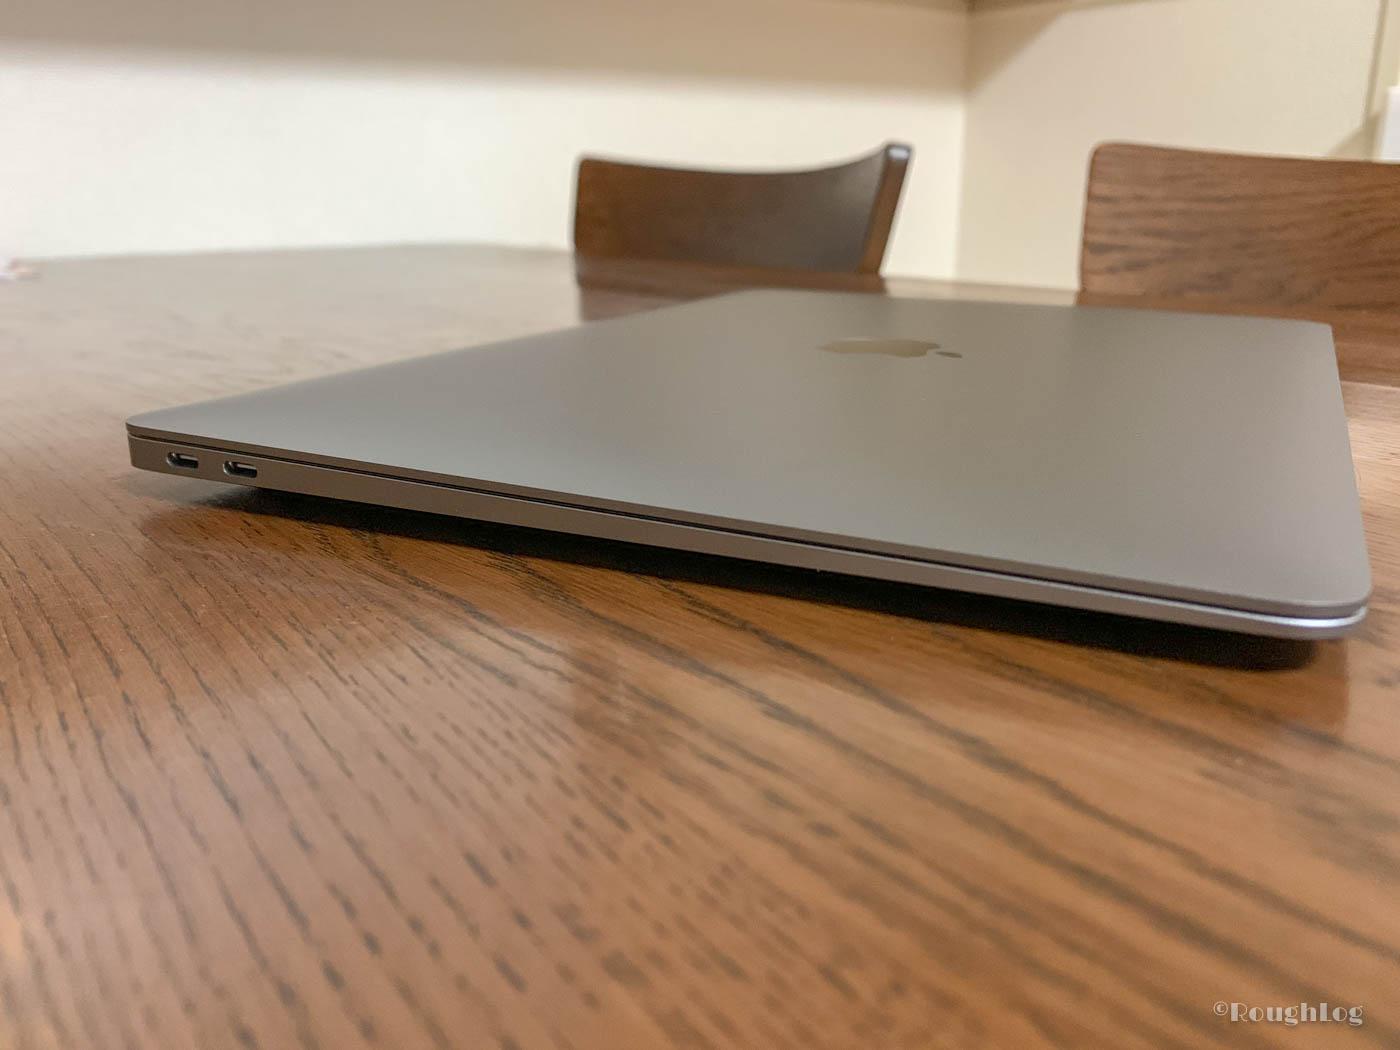 MacBook Air 2018左サイドにはUSB-C端子を2つ搭載